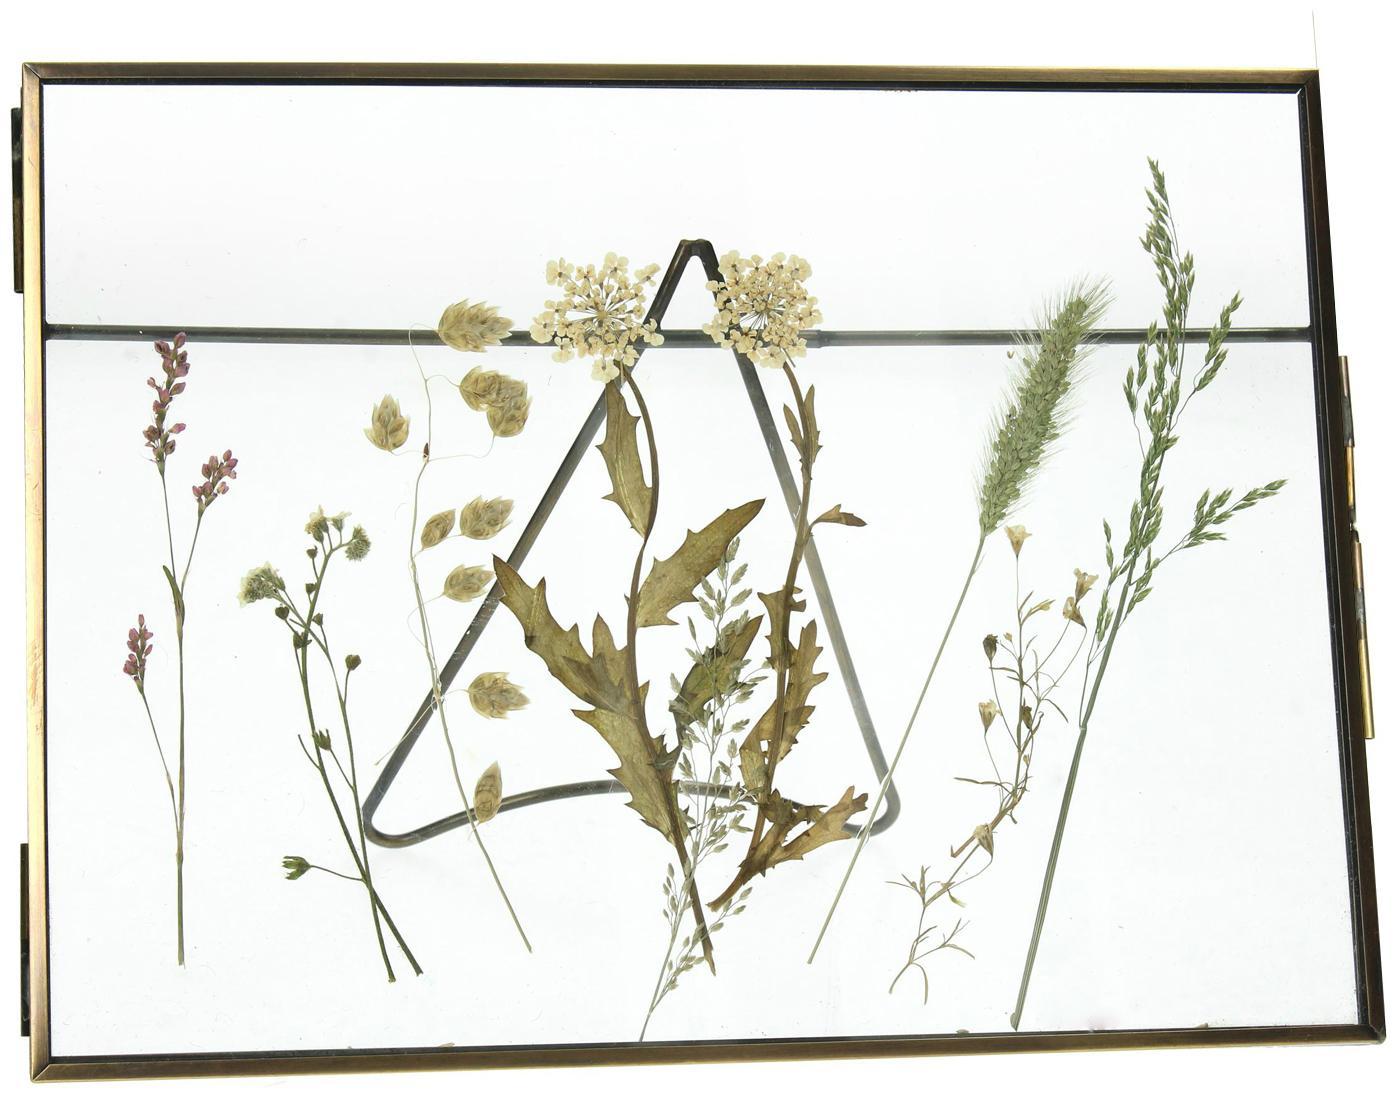 Ramka na zdjęcia Dried Flower, Metal powlekany, Odcienie mosiądzu, 20 x 15 cm